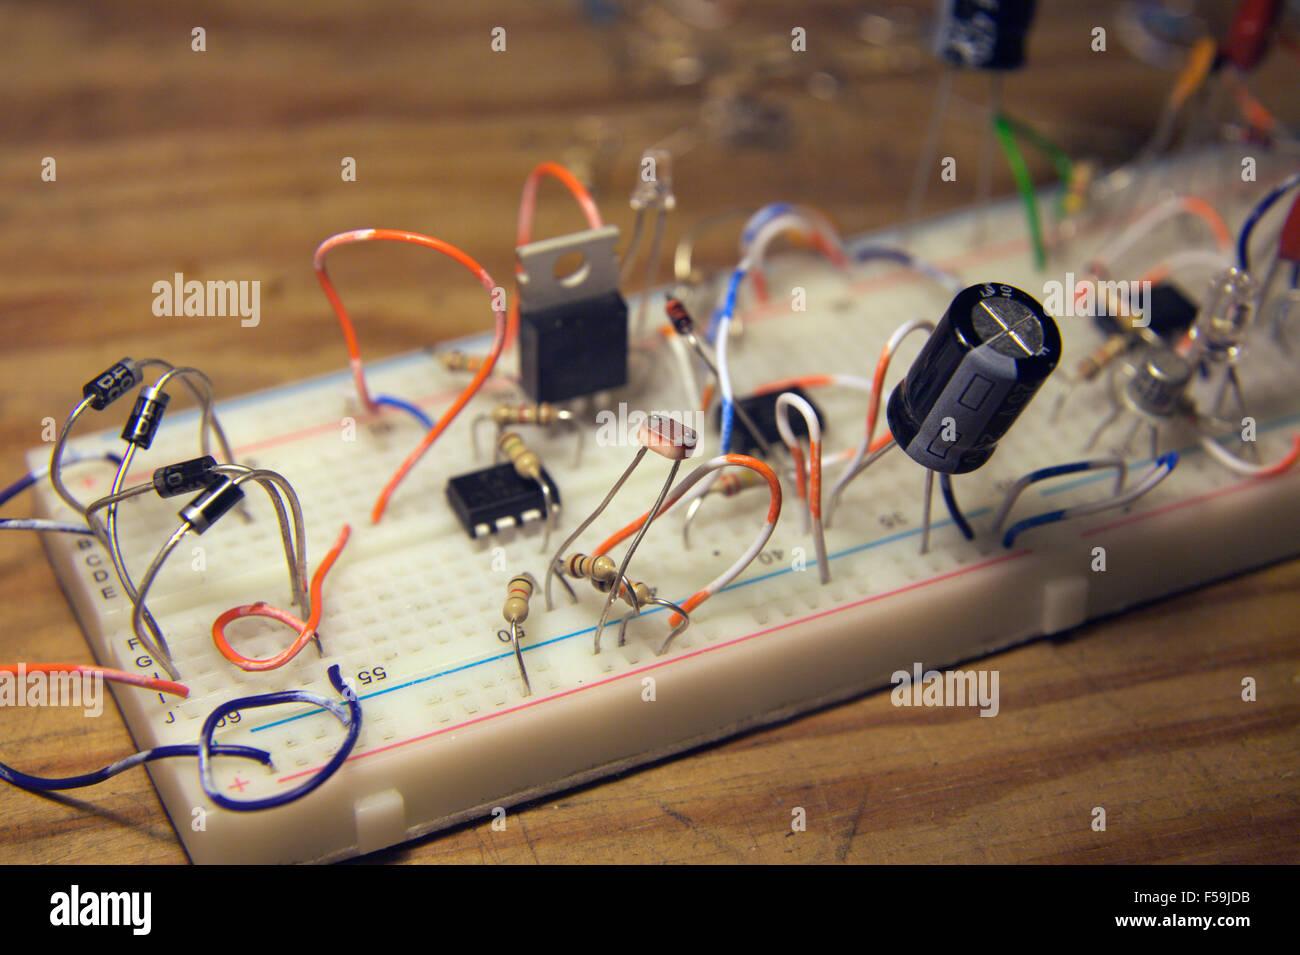 Sviluppo di un timer e foglia bagnata propogator circuito di controllo in una breadboard layout Immagini Stock